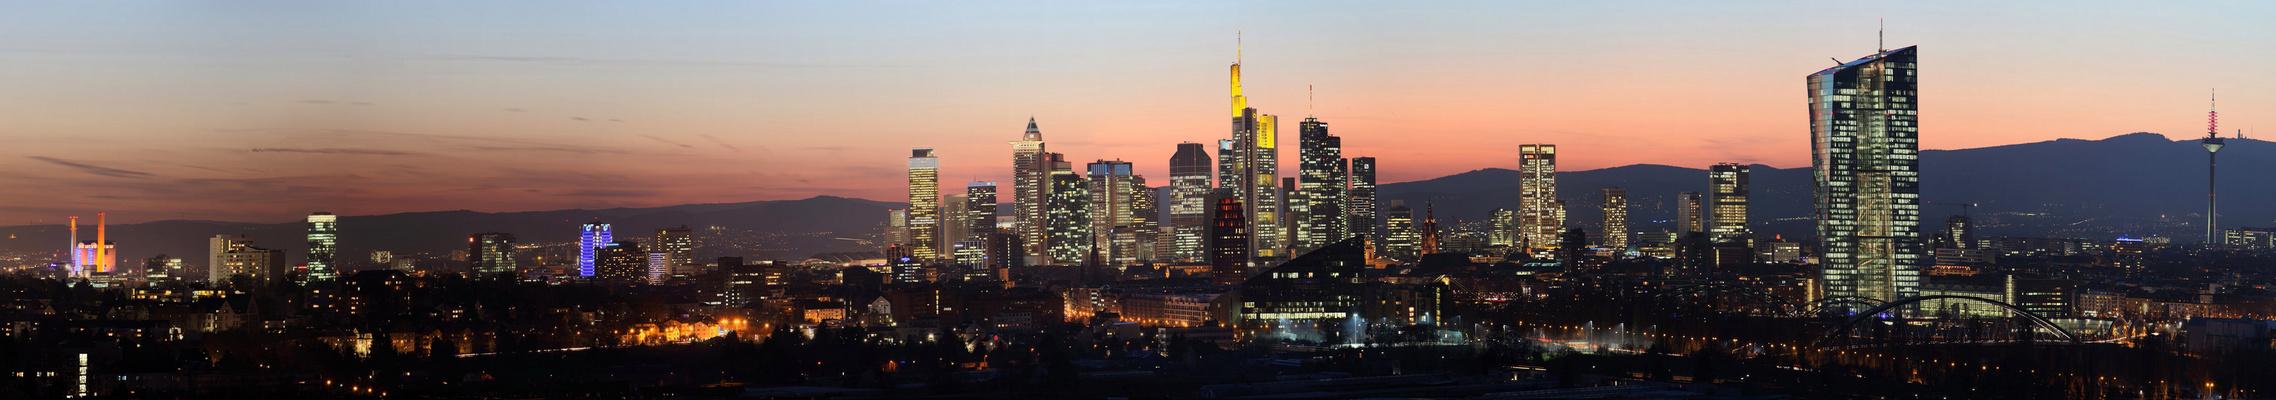 Panorama Skyline Frankfurt